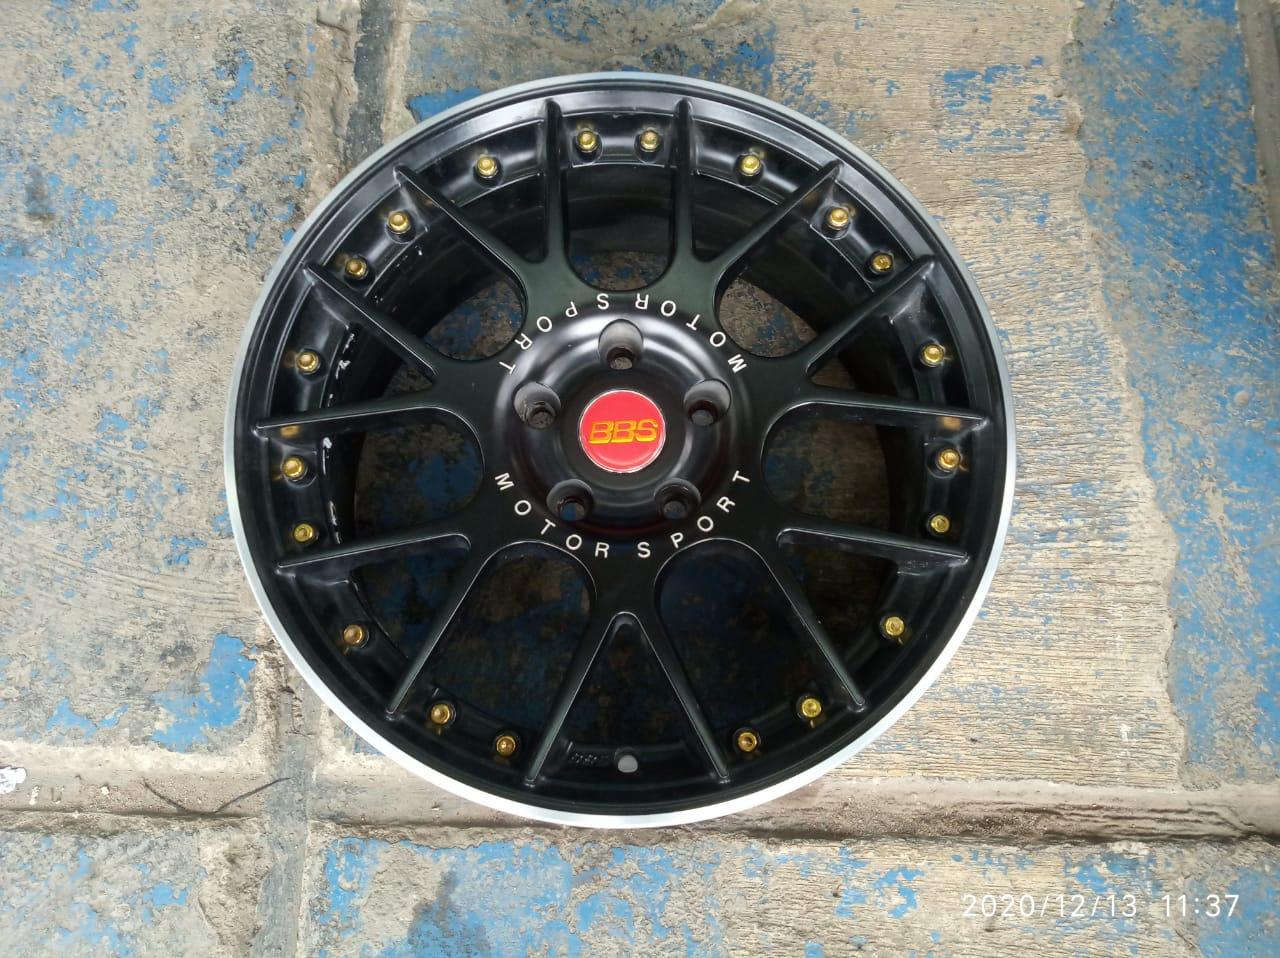 velg mobil bekas bbs ring 17×7/8ninc pcd 5×114 et30/35